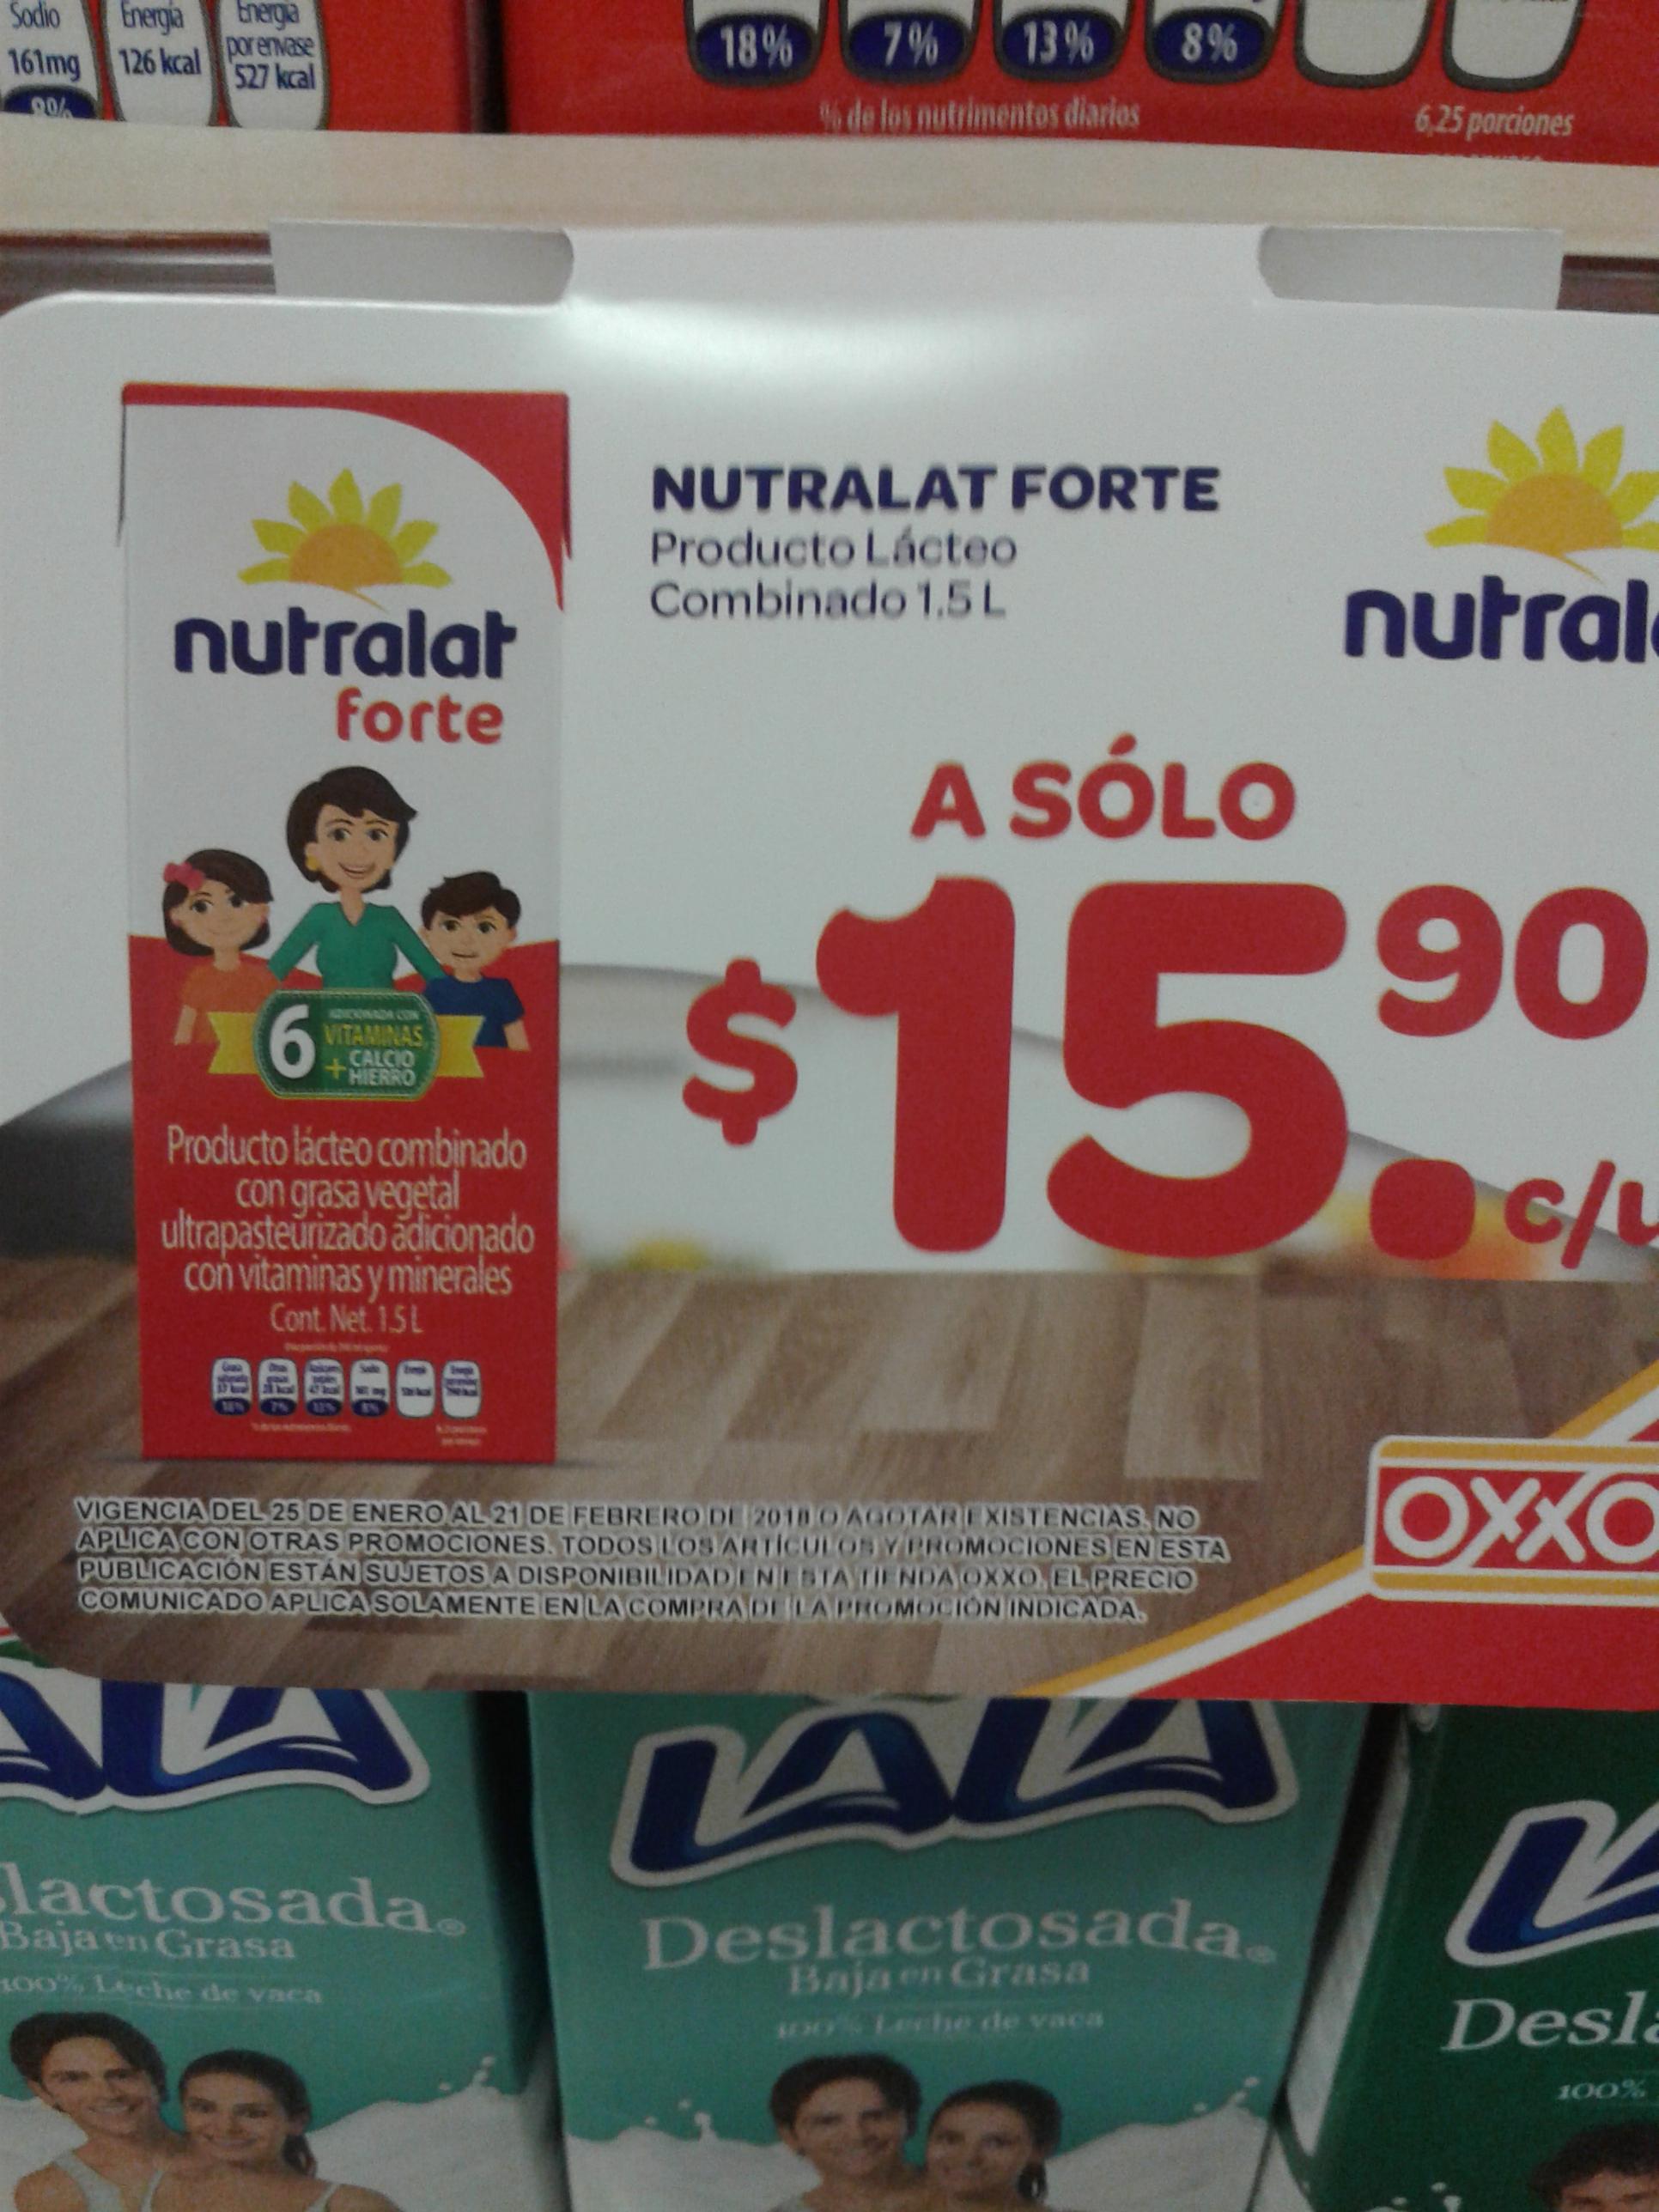 Oxxo -Nutralat forte de 1.5 lts